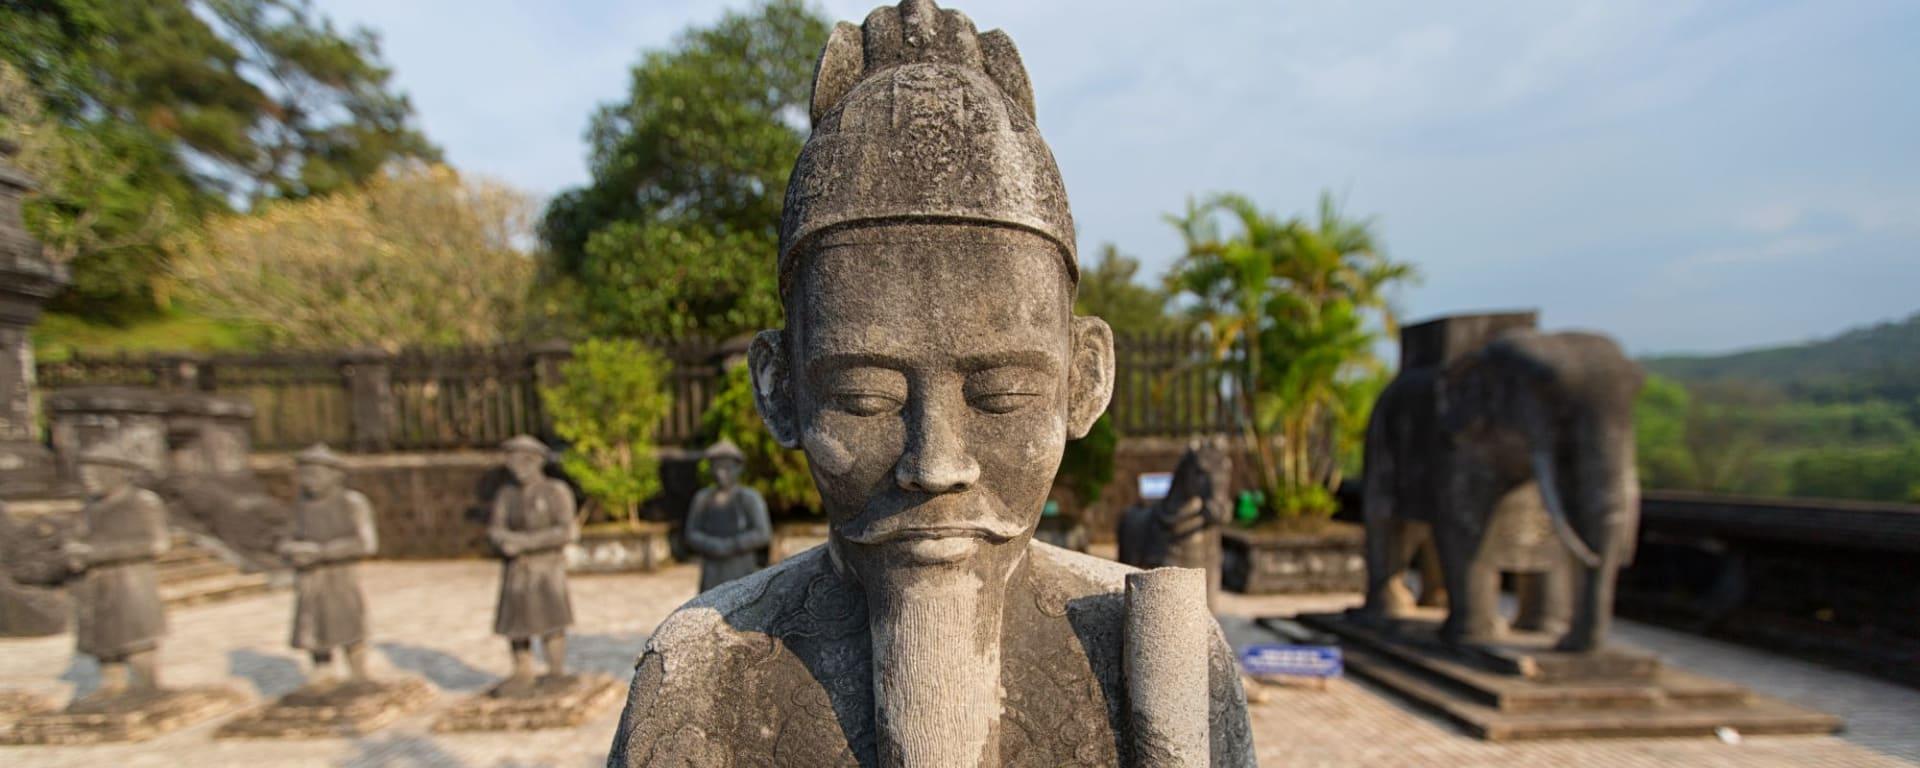 Découverte active du centre du Vietnam de Hué: Hue Statues at the tomb of Emperor Khai Dinh